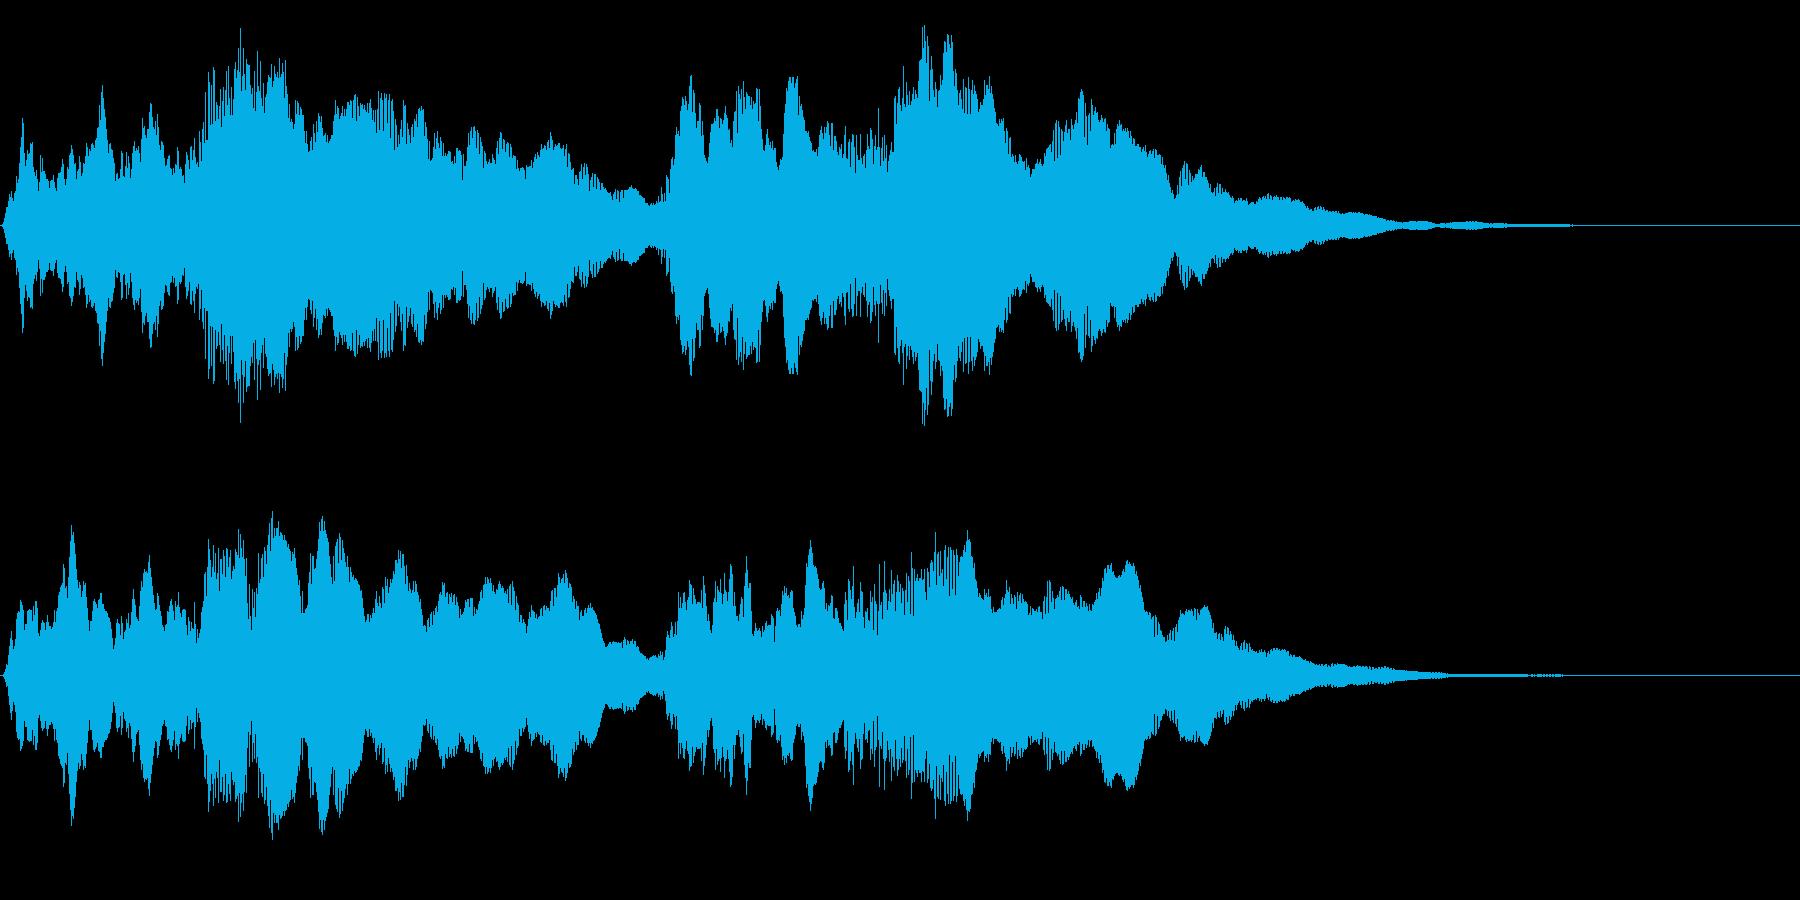 ジャジャジャジャーン 運命の冒頭アレンジの再生済みの波形